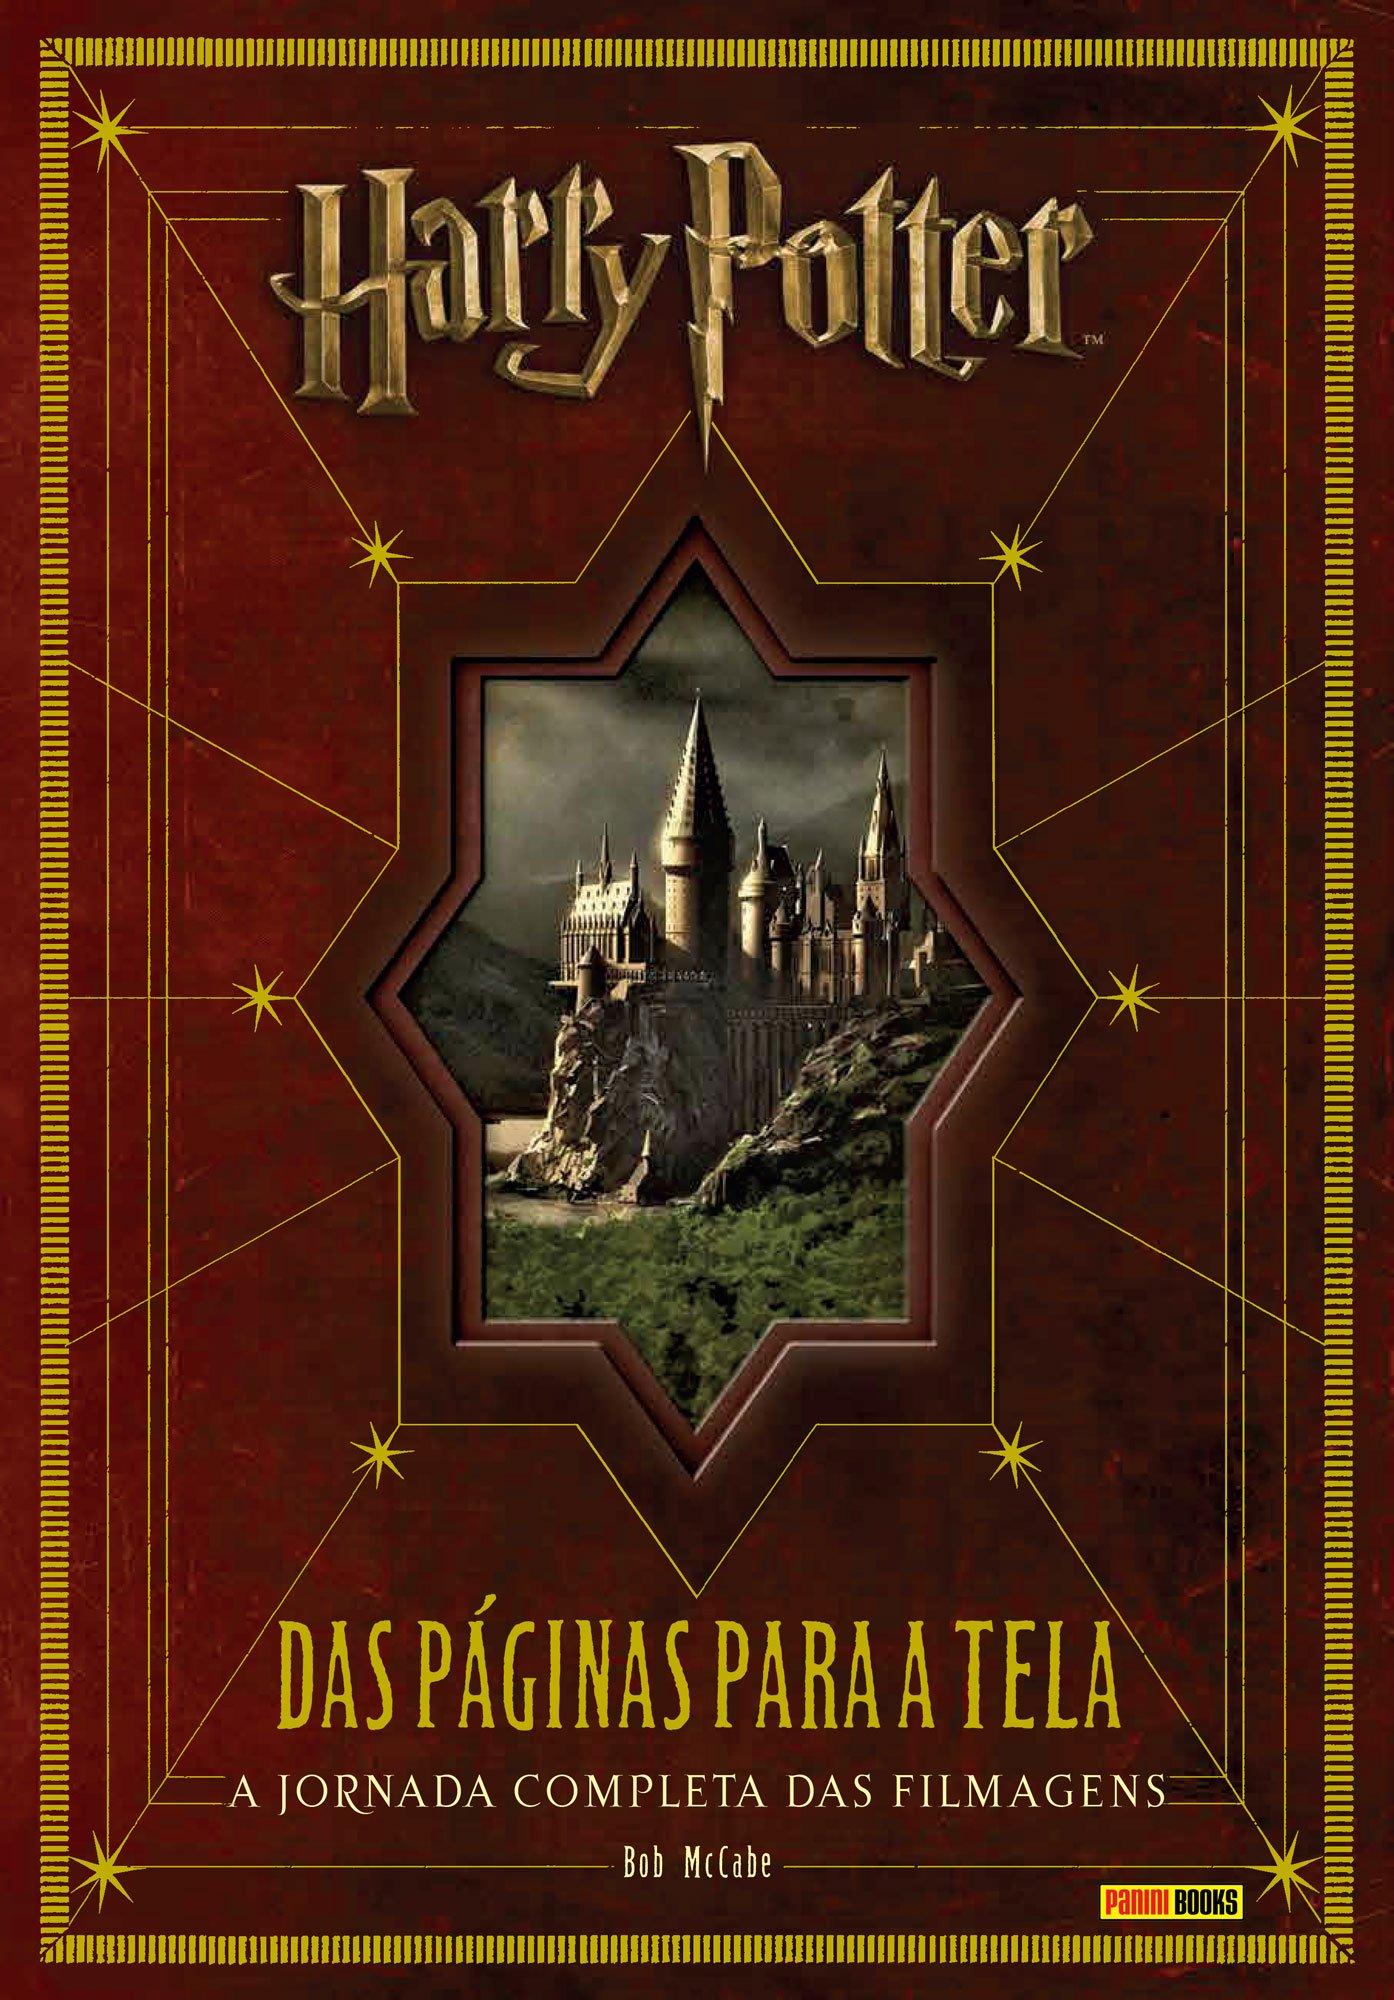 Resultado de imagem para capa do livro harry potter das páginas para a tela